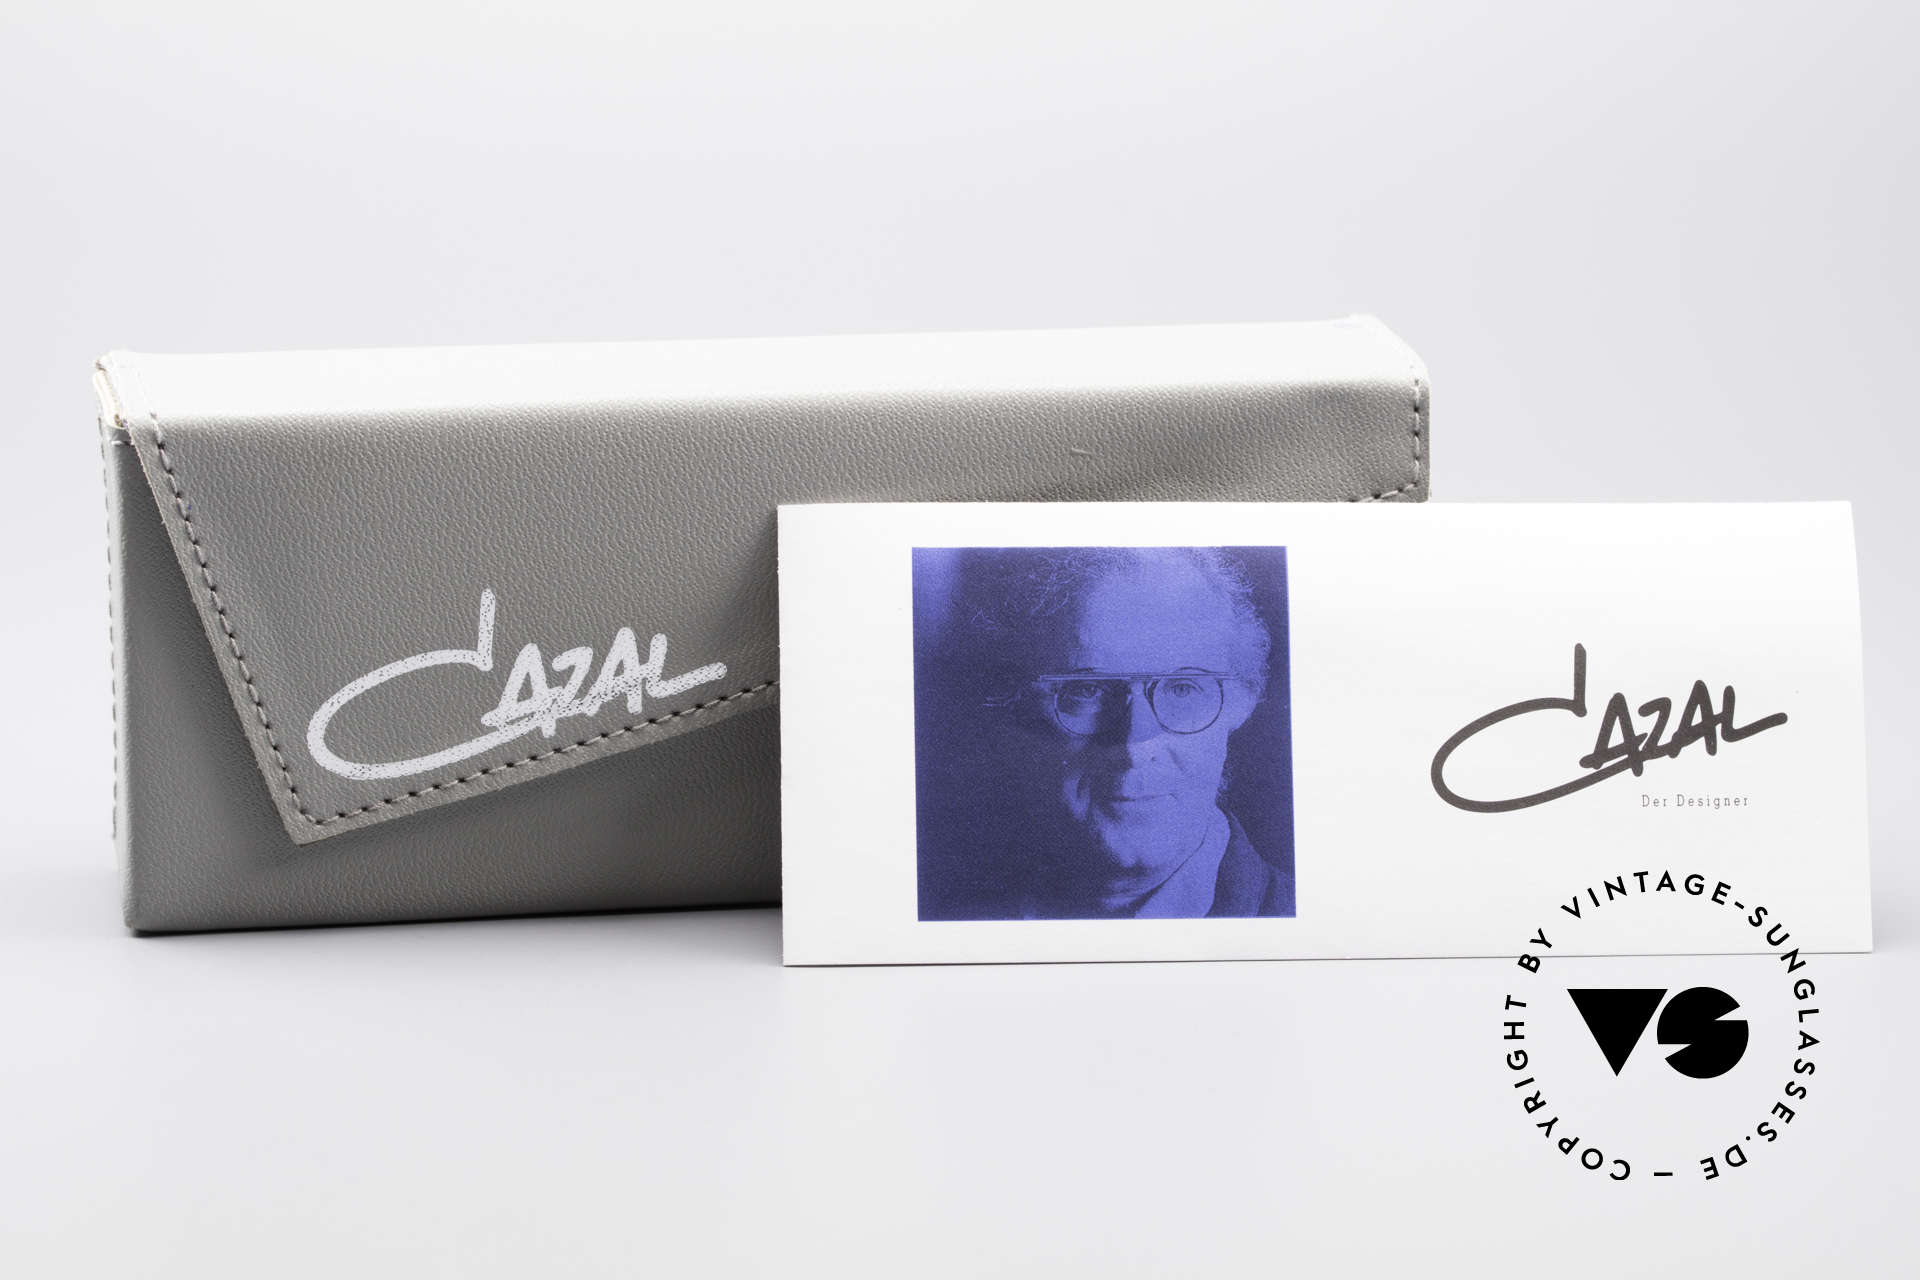 Cazal 648 90er Cari Zalloni Vintage Brille, KEINE Retromode; ein über 25 Jahre altes Unikat!, Passend für Herren und Damen